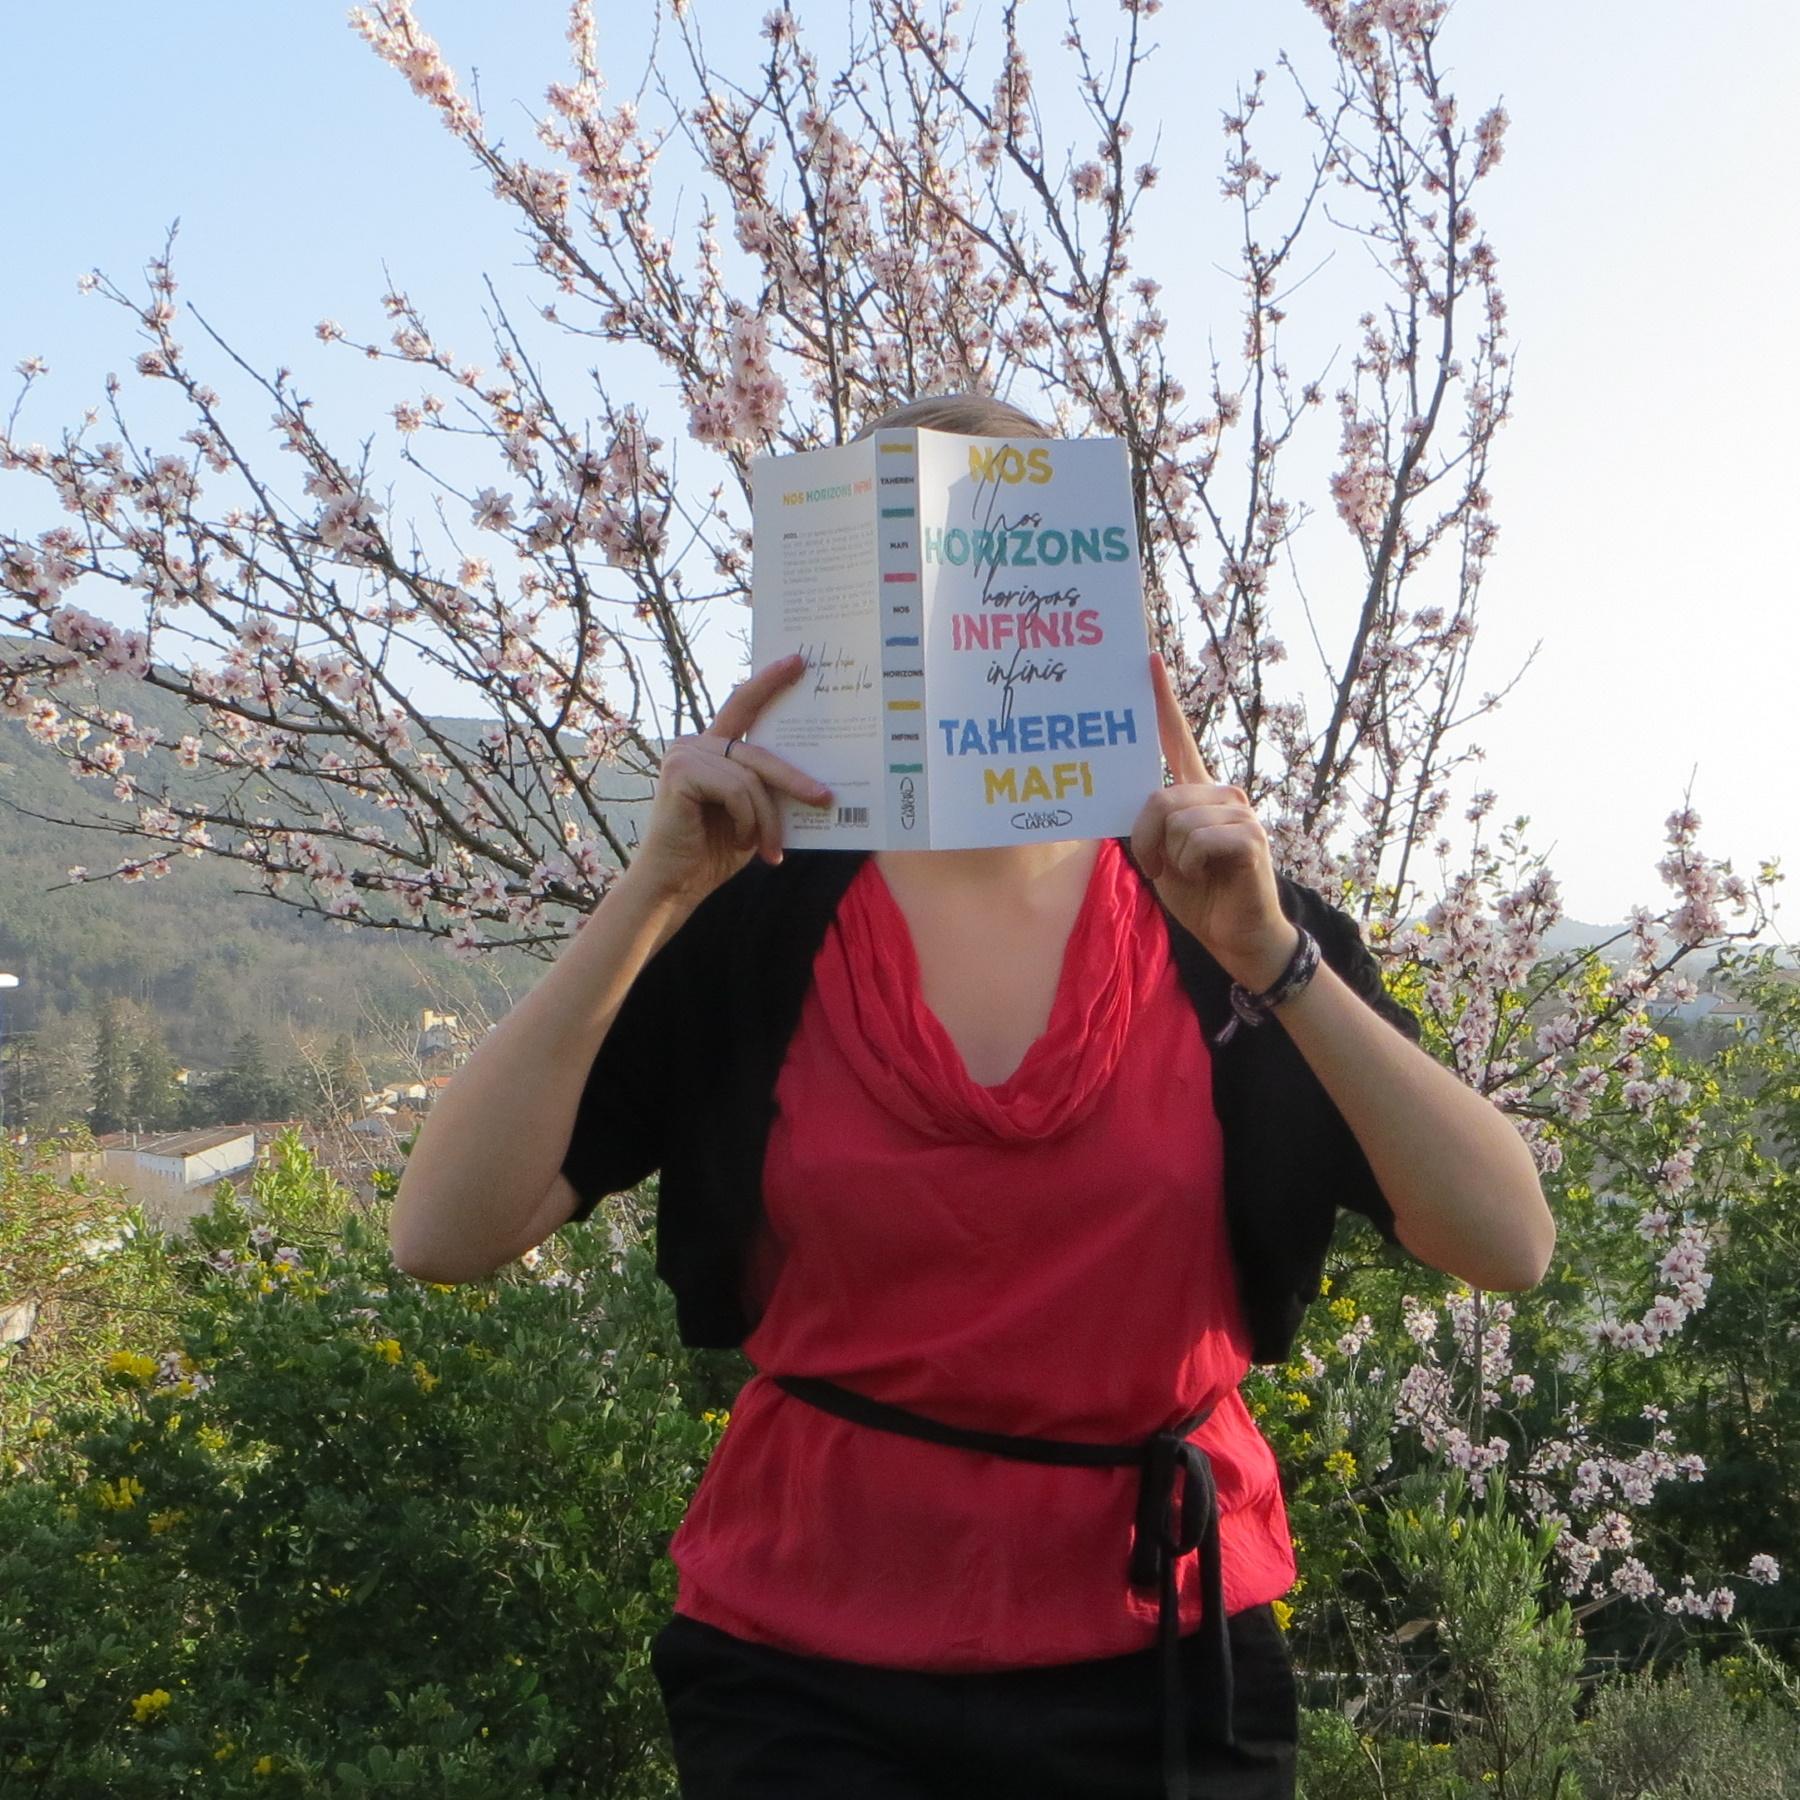 personne en débardeur rouge lisant Nos Horizons Infinis de Tahereh Mafi devant un amandier en fleurs